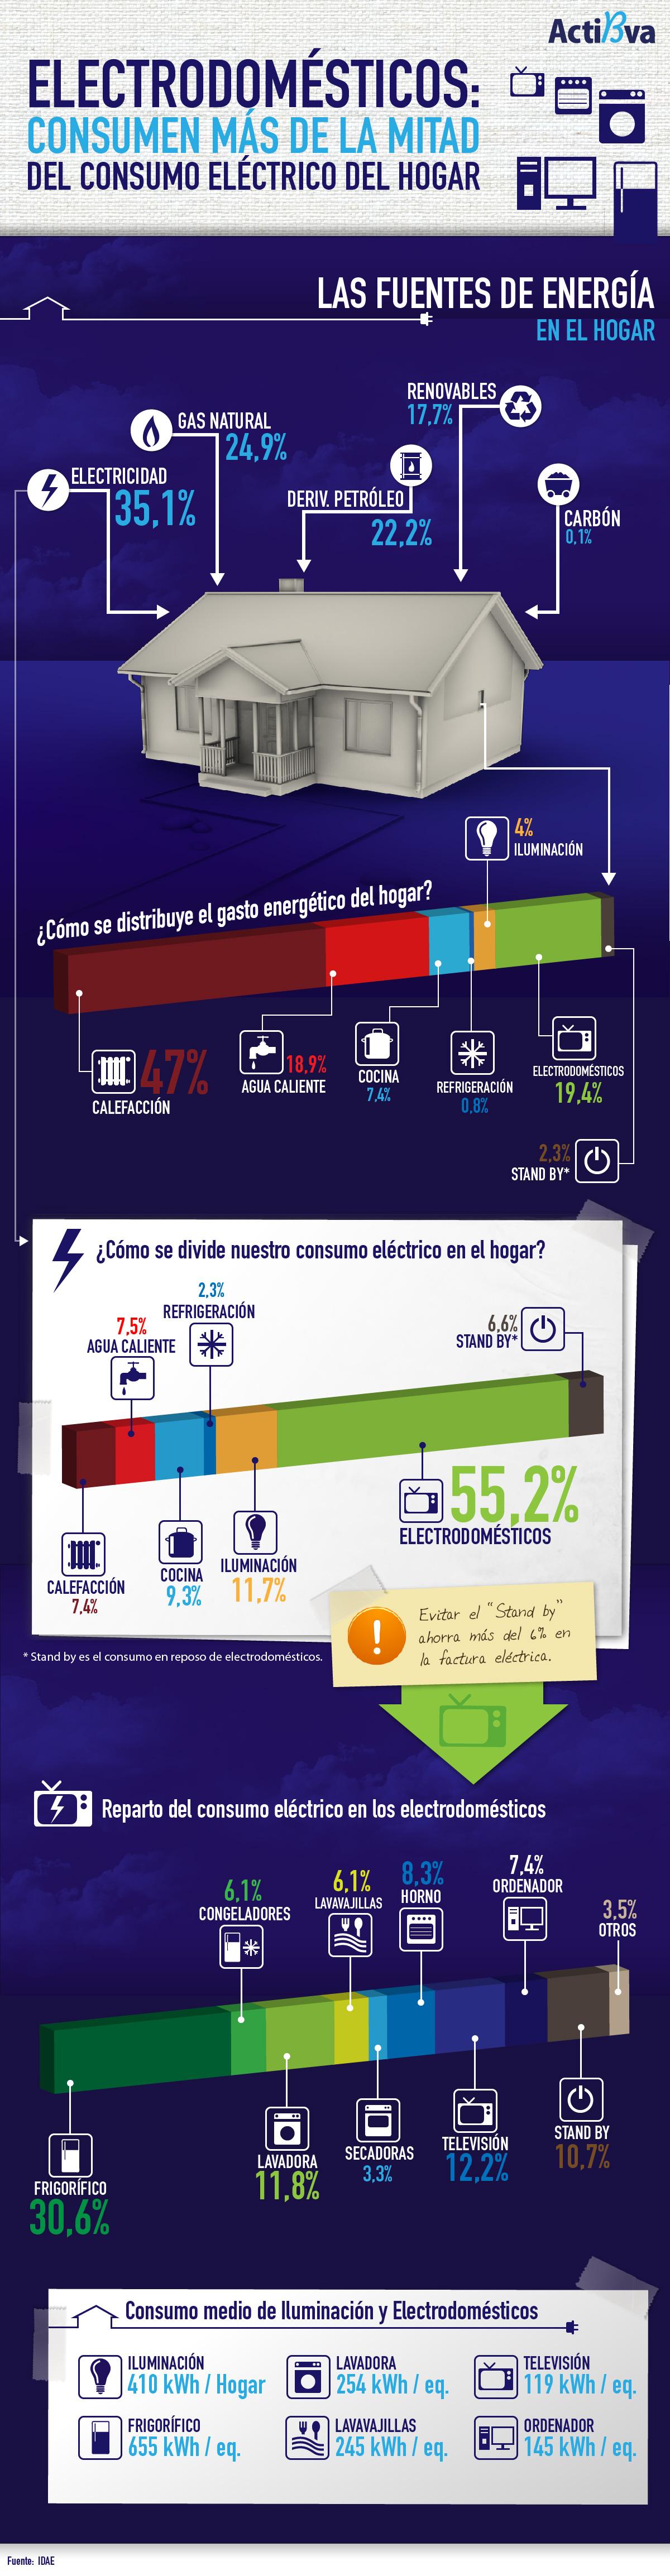 electrodomesticos consumen mas de la mitad del consumo electrico del hogar